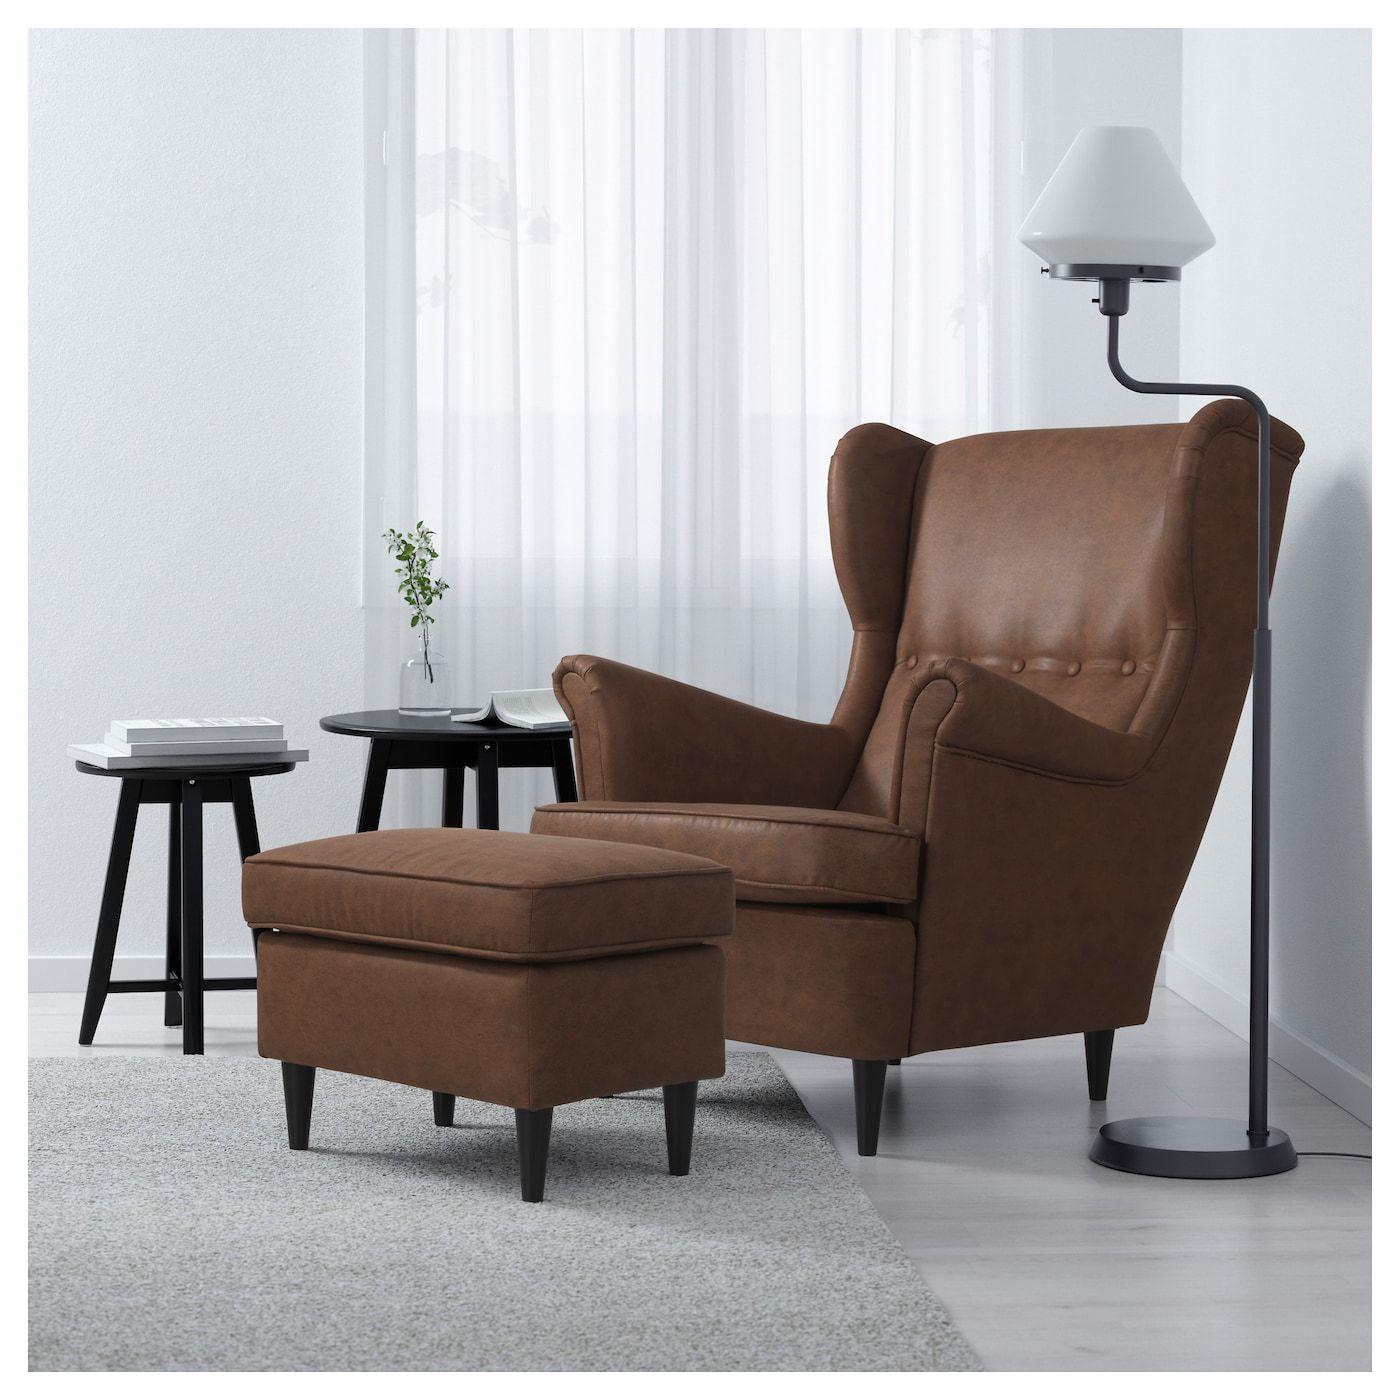 Strandmon Footstool Jarstad Brown In 2020 Ohrensessel Ikea